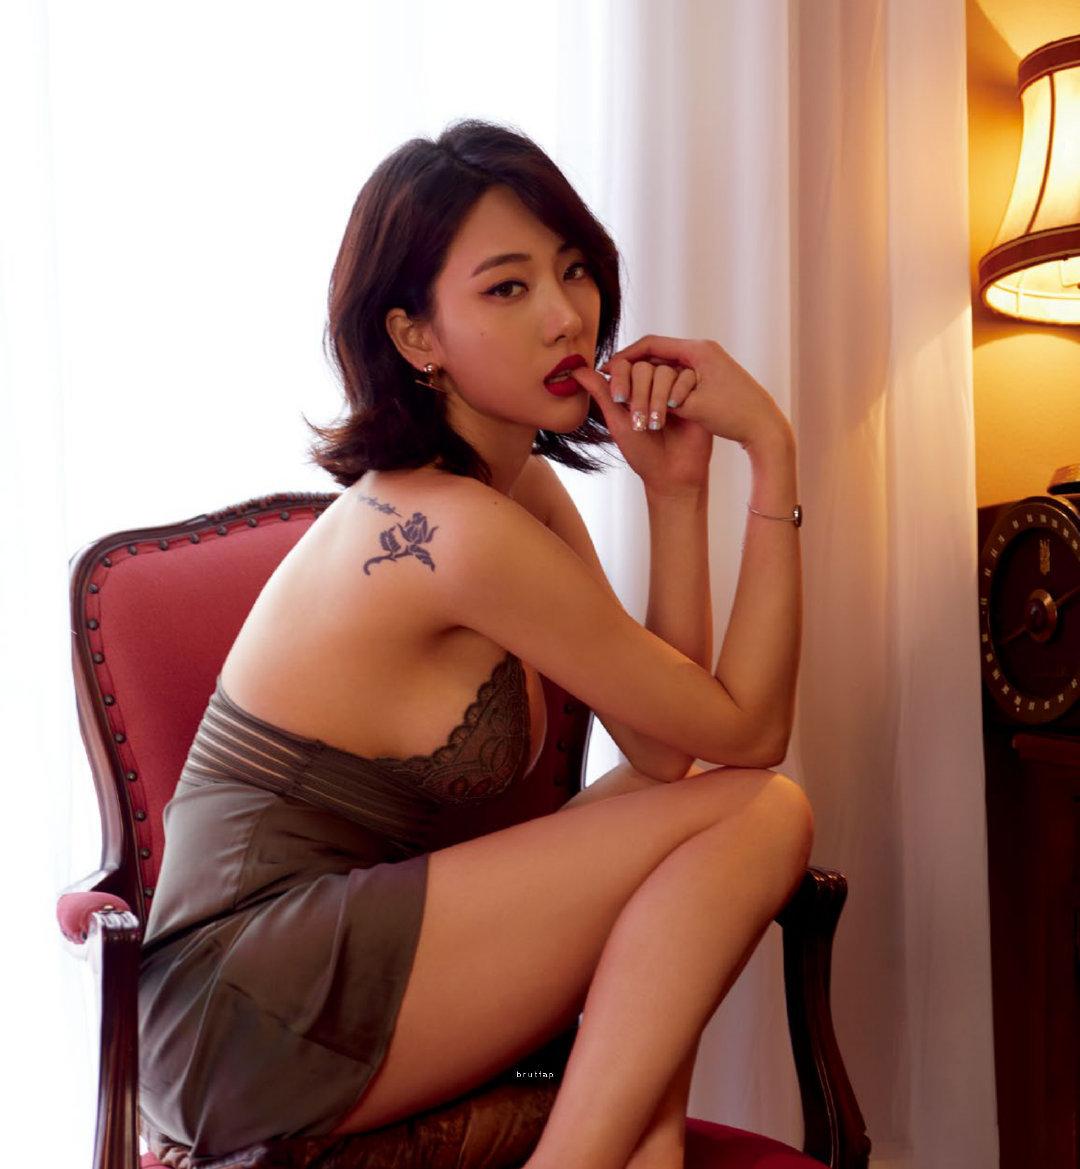 韩国内衣模特金惠美,满足你对韩国小姐姐的所有幻想 妹子